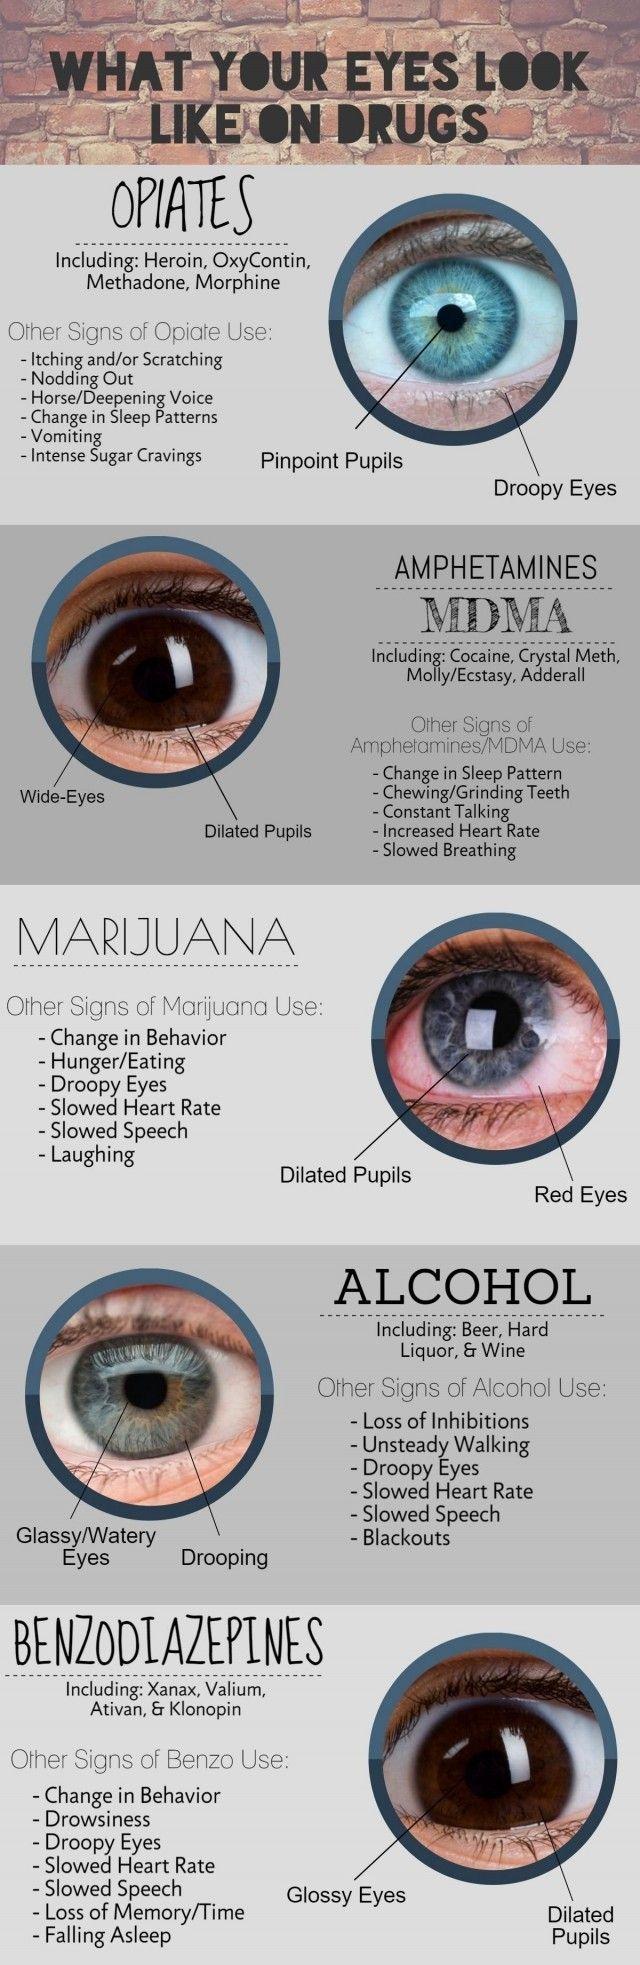 Eyes on drugs!!